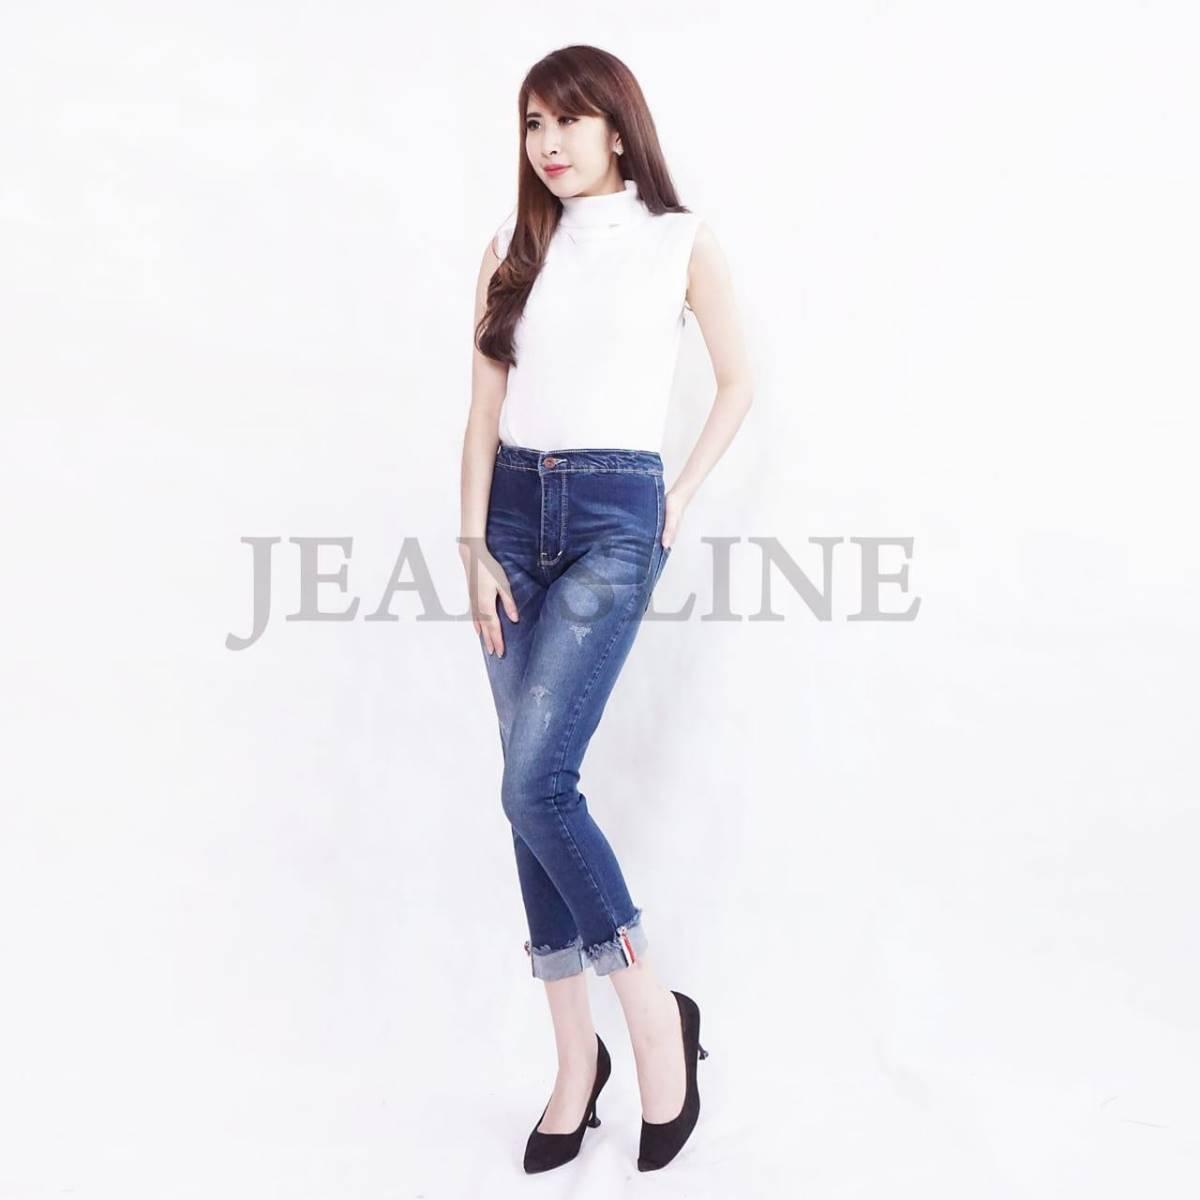 Celana Panjang Jeans Wanita - Paket 12 Pcs (size 31, 32, 33, 34)2